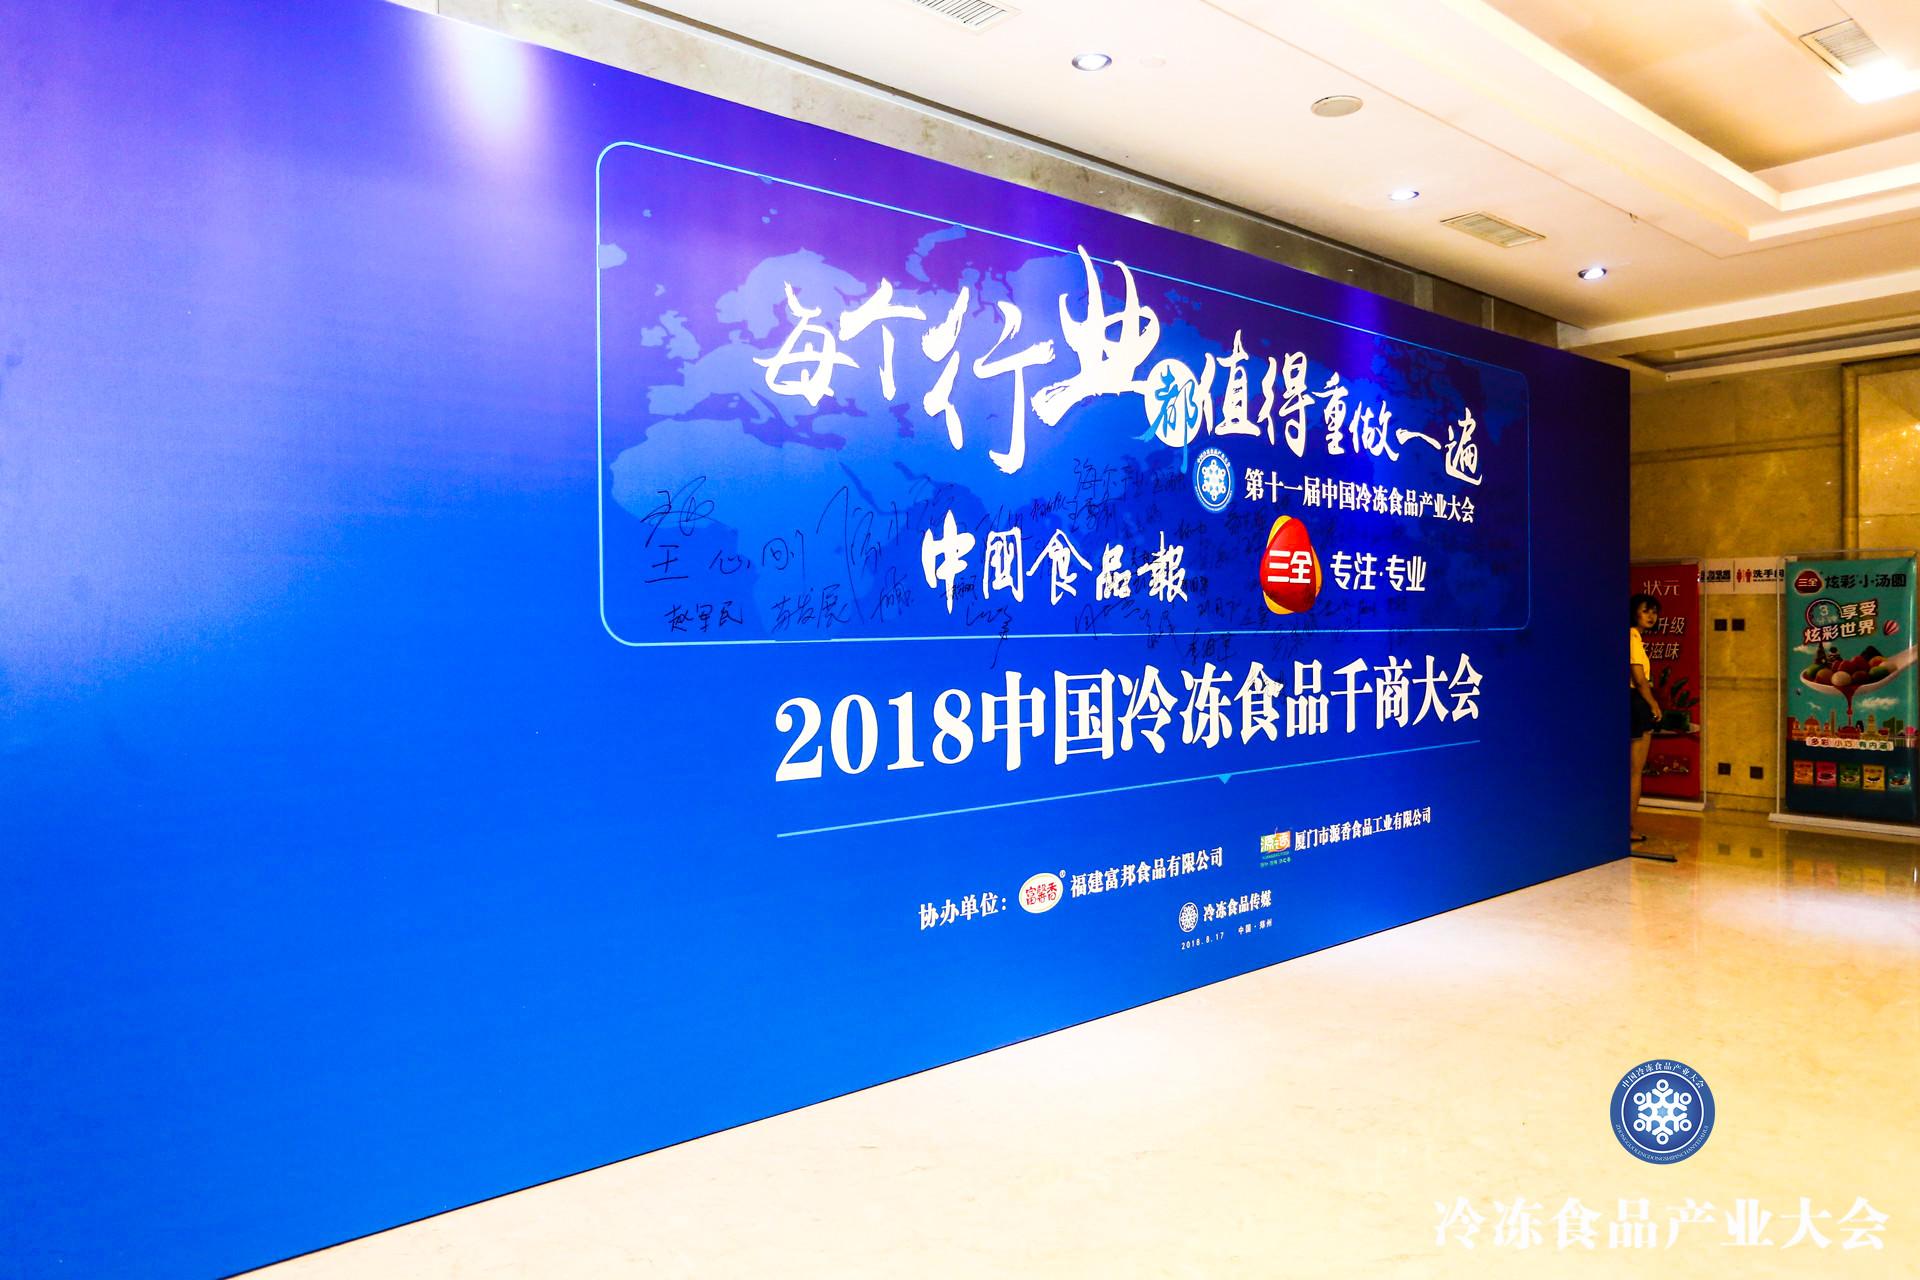 【图片直播】2018中国冷冻食品千商大会